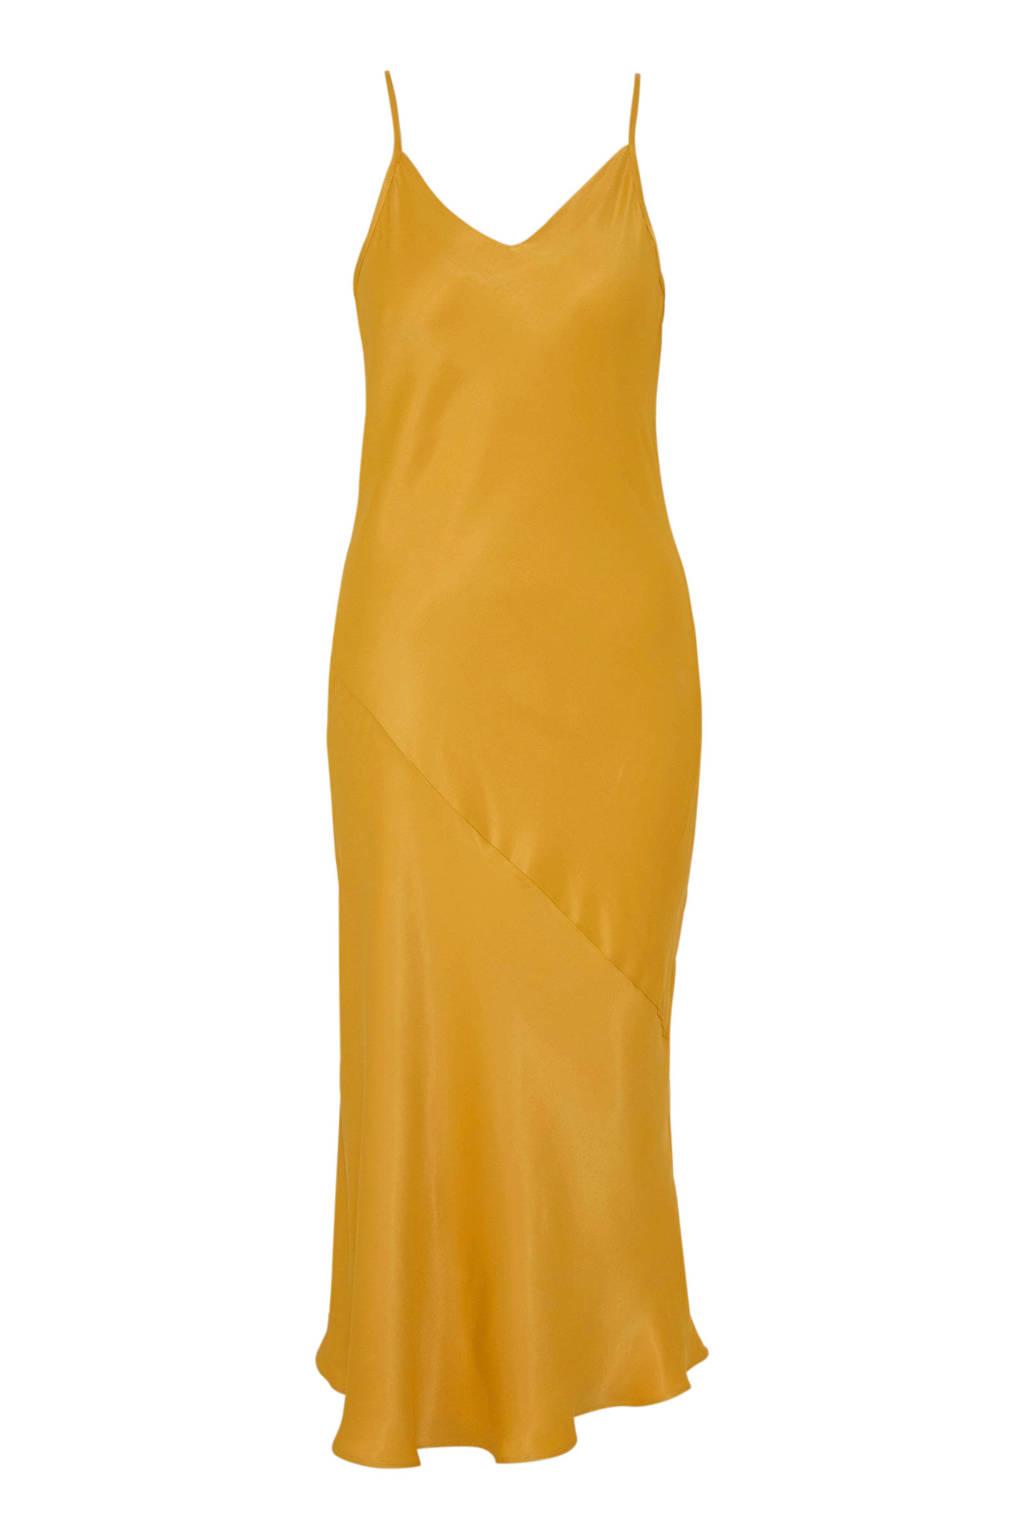 C&A Yessica satijnen spaghetti-jurk geel, Geel